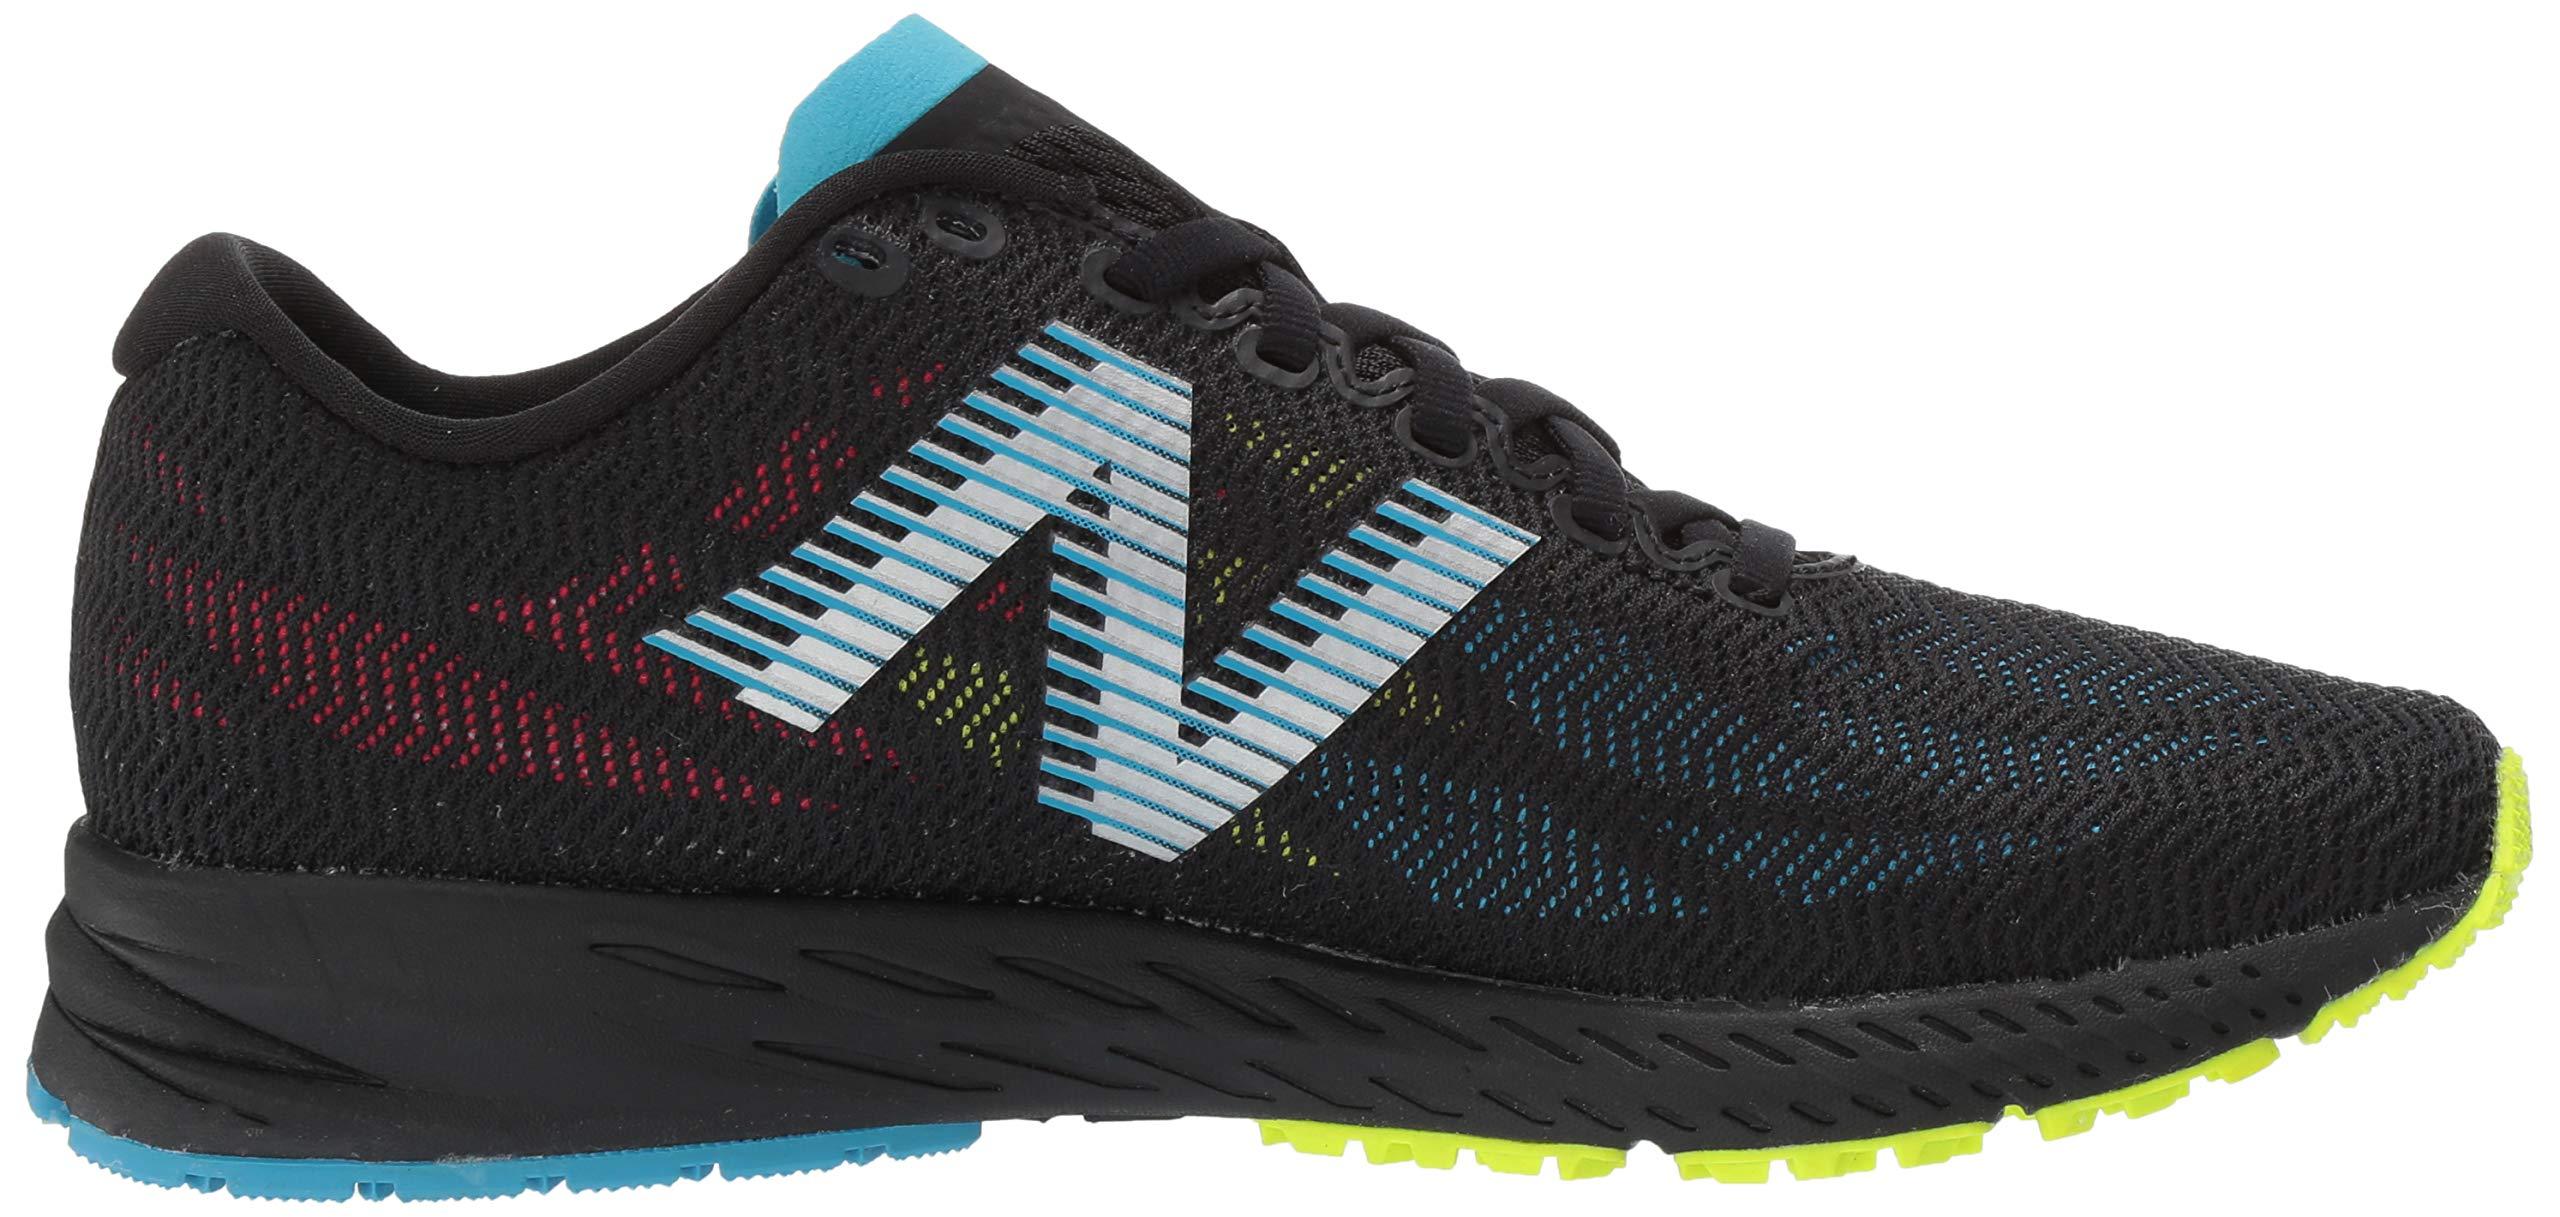 am besten verkaufen heiß-verkauf echt neuer Stil Details about New Balance Men's 1400v6 Running Shoe, Black/Coppe - Choose  SZ/color